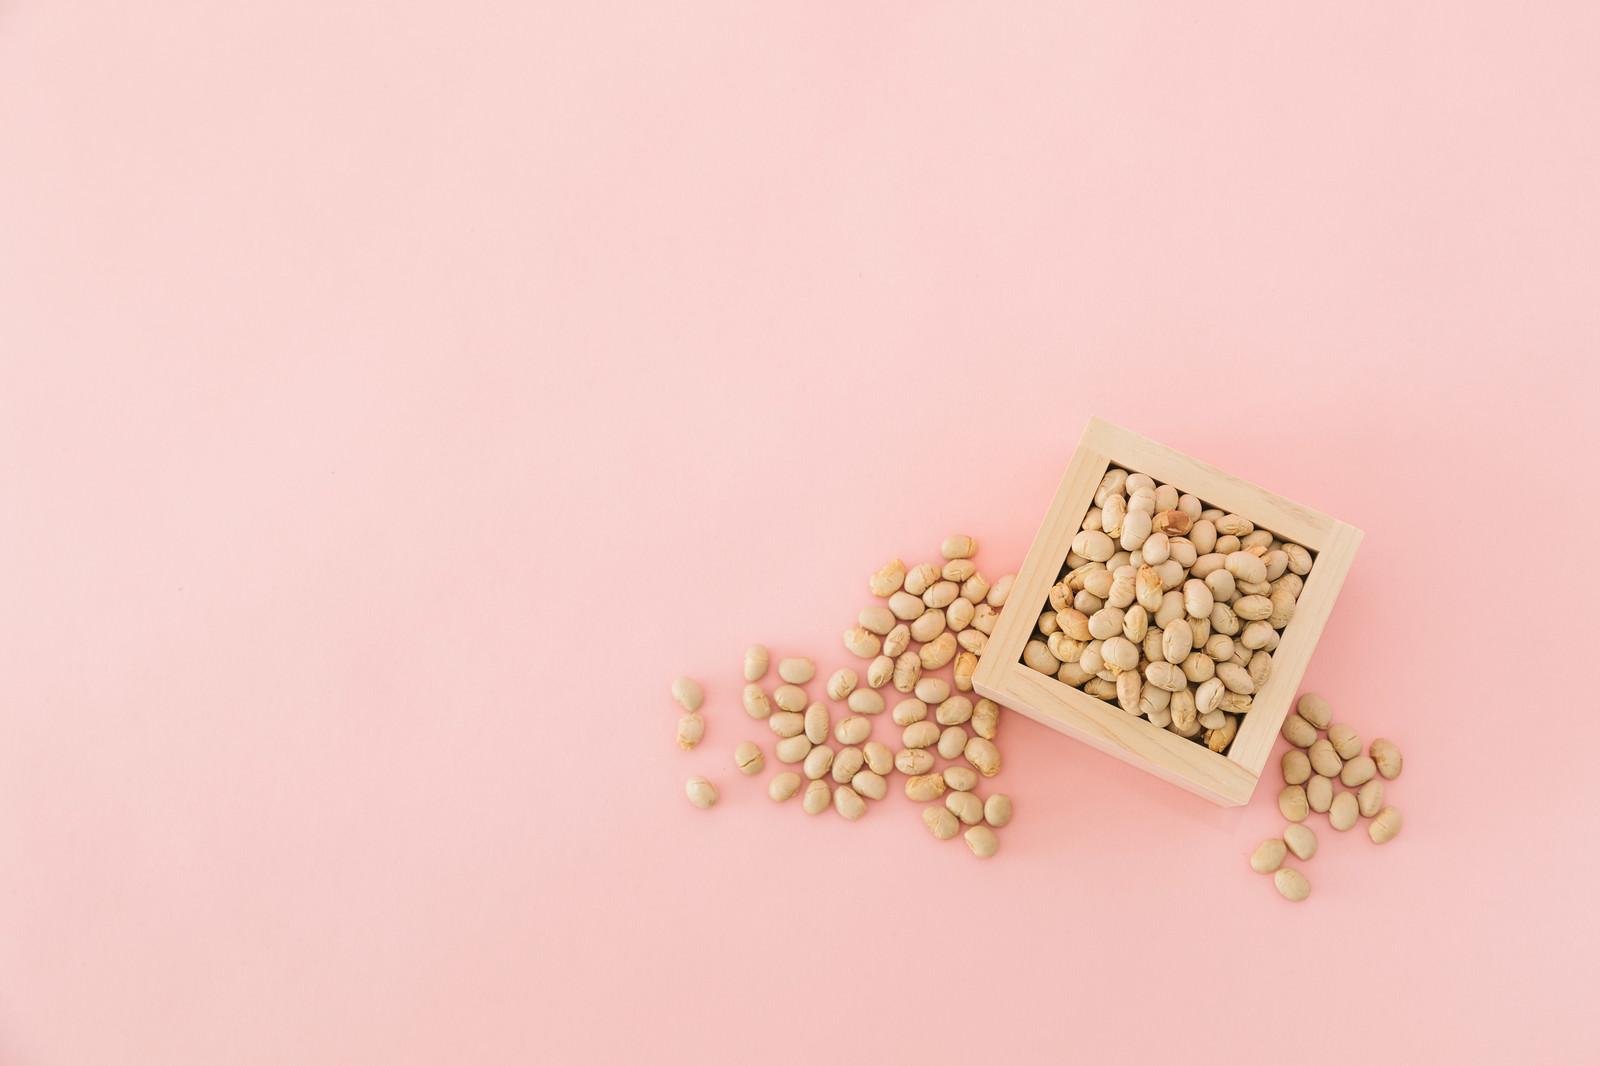 「枡に入った節分用の豆」の写真